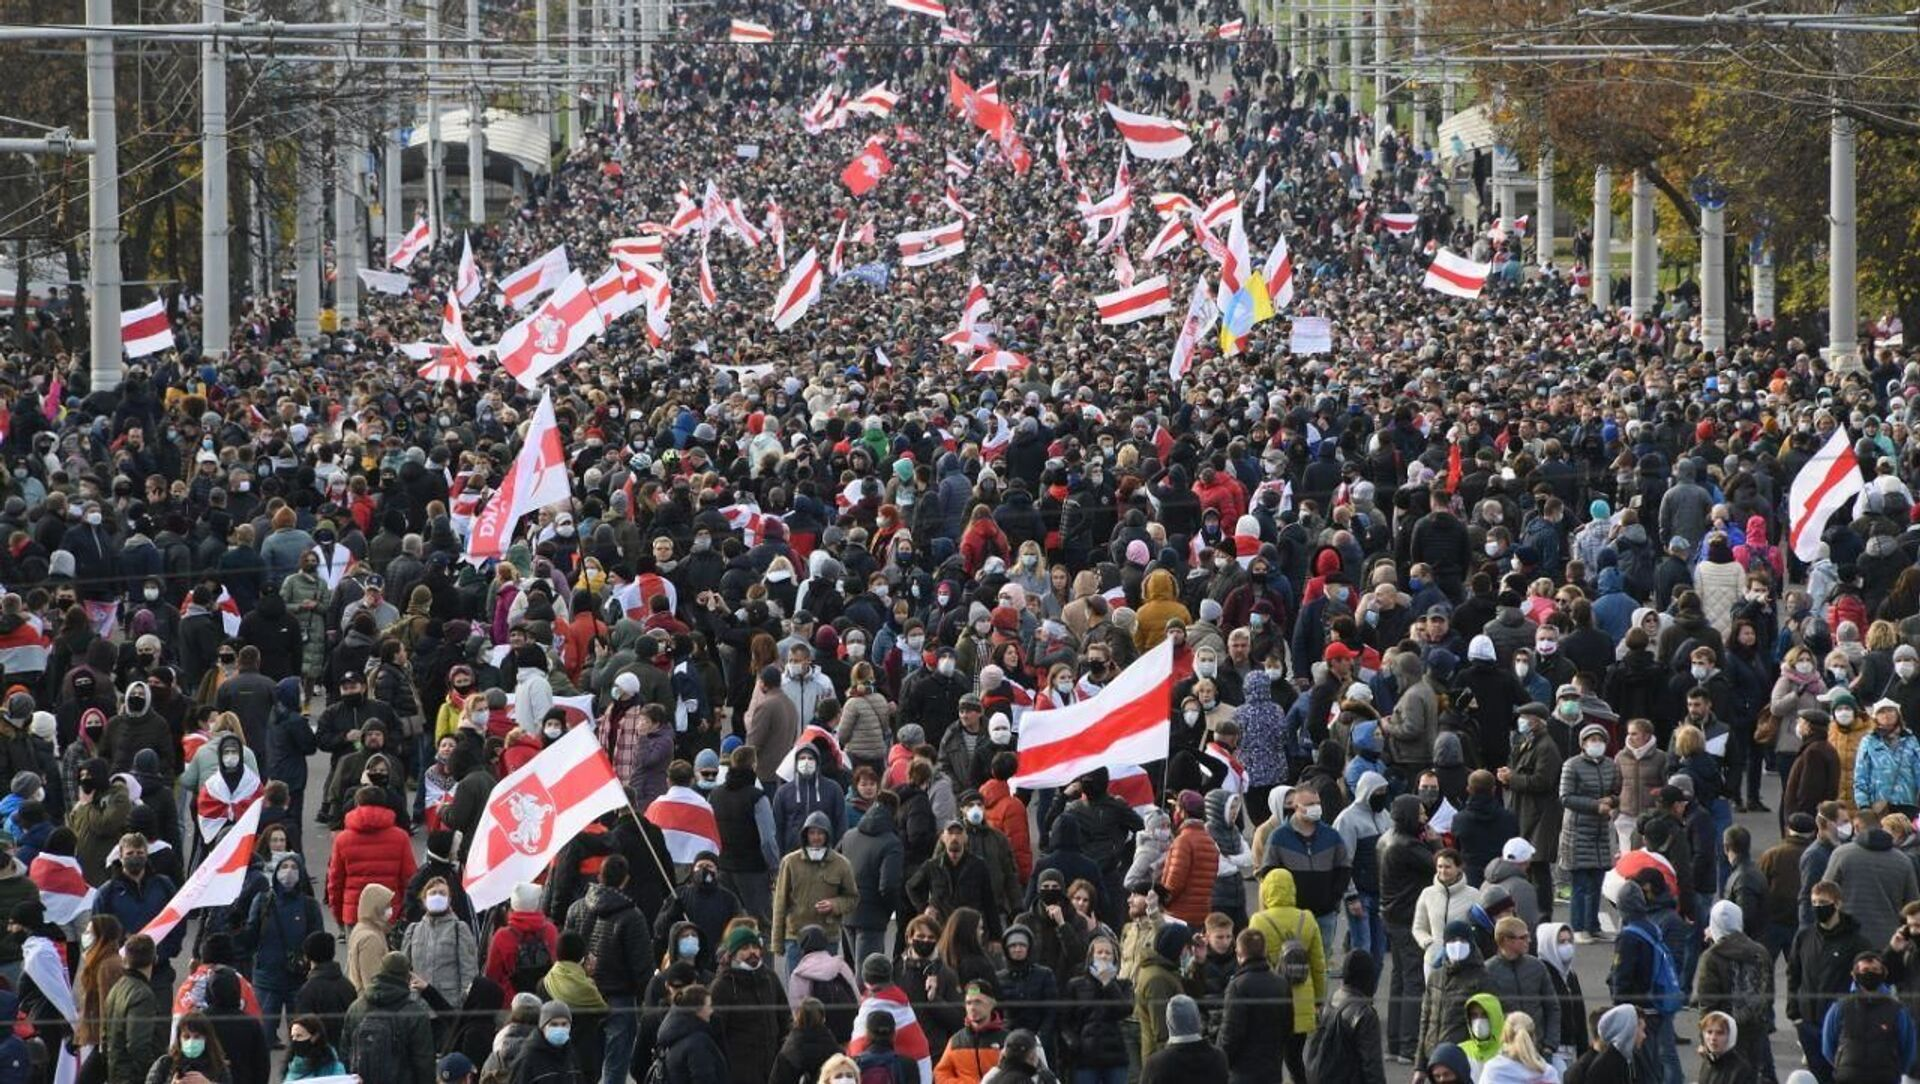 Partecipanti alla protesta a Minsk - Sputnik Italia, 1920, 06.02.2021